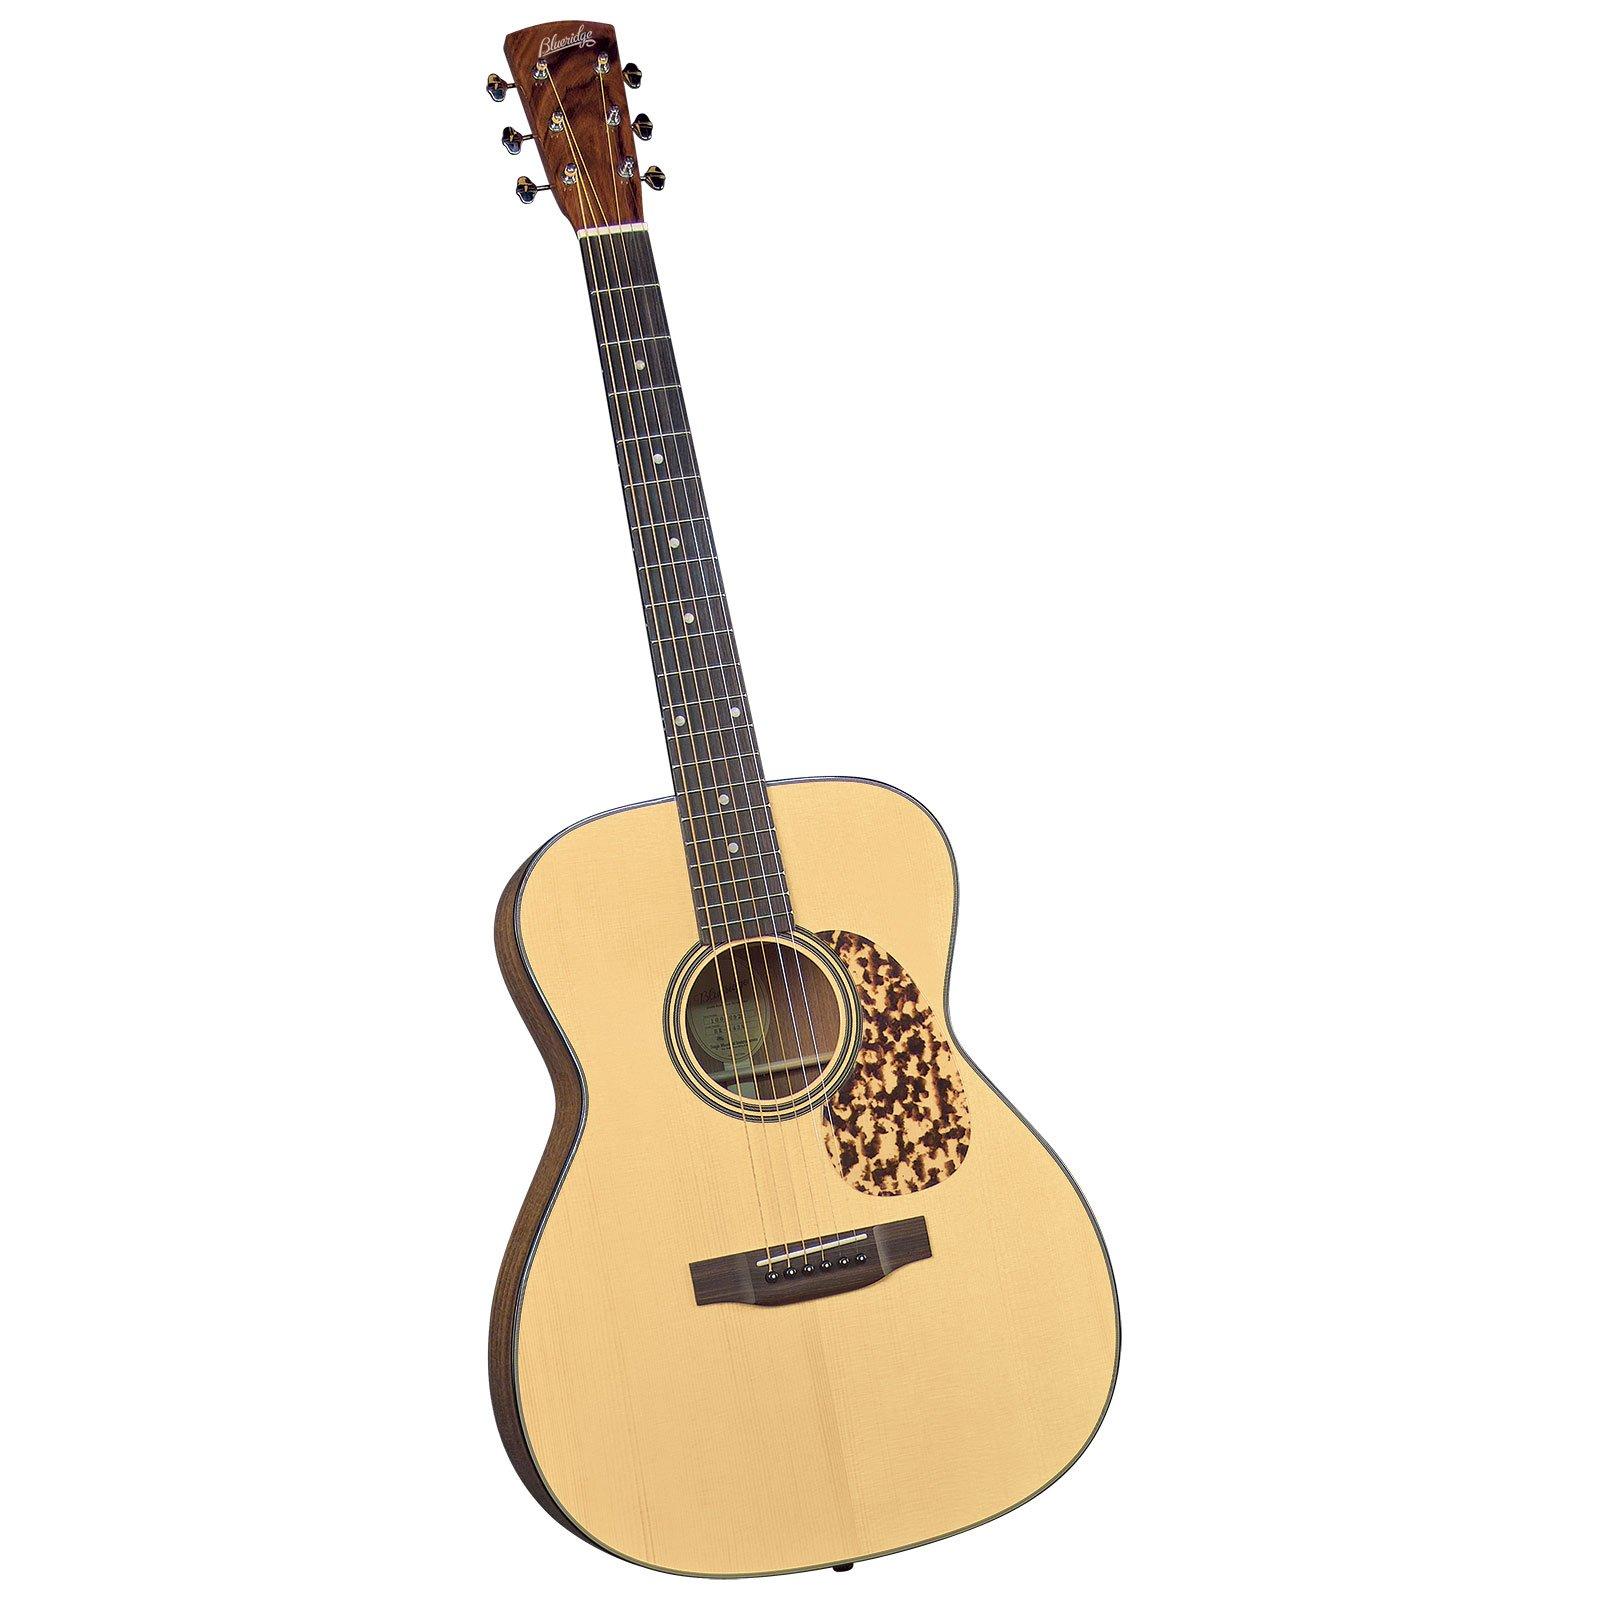 blueridge br 140 guitar guitar affinity. Black Bedroom Furniture Sets. Home Design Ideas